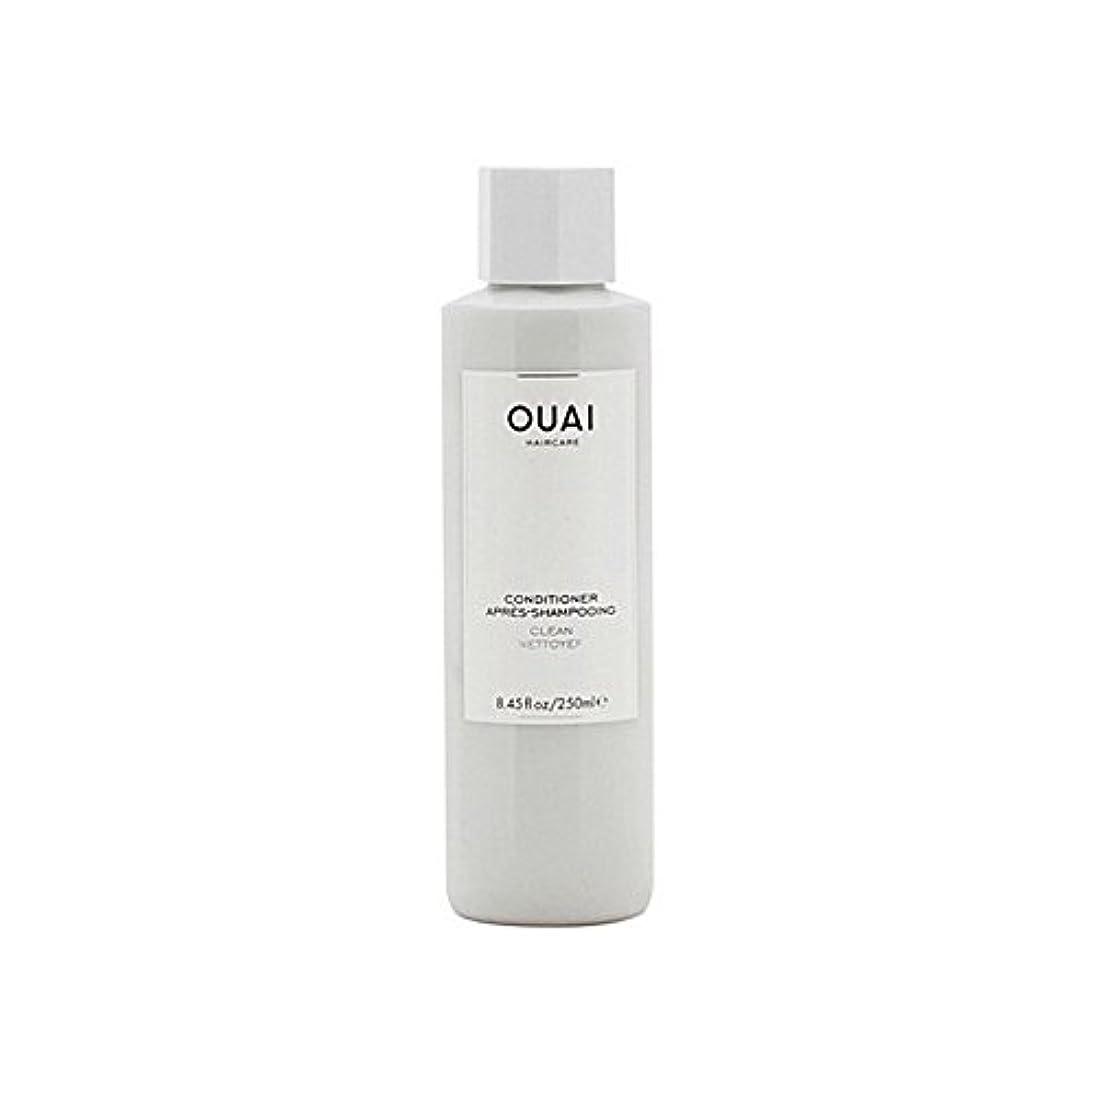 ウイルス危険を冒します起こるOuai Clean Conditioner 300ml (Pack of 6) - クリーンコンディショナー300ミリリットル x6 [並行輸入品]